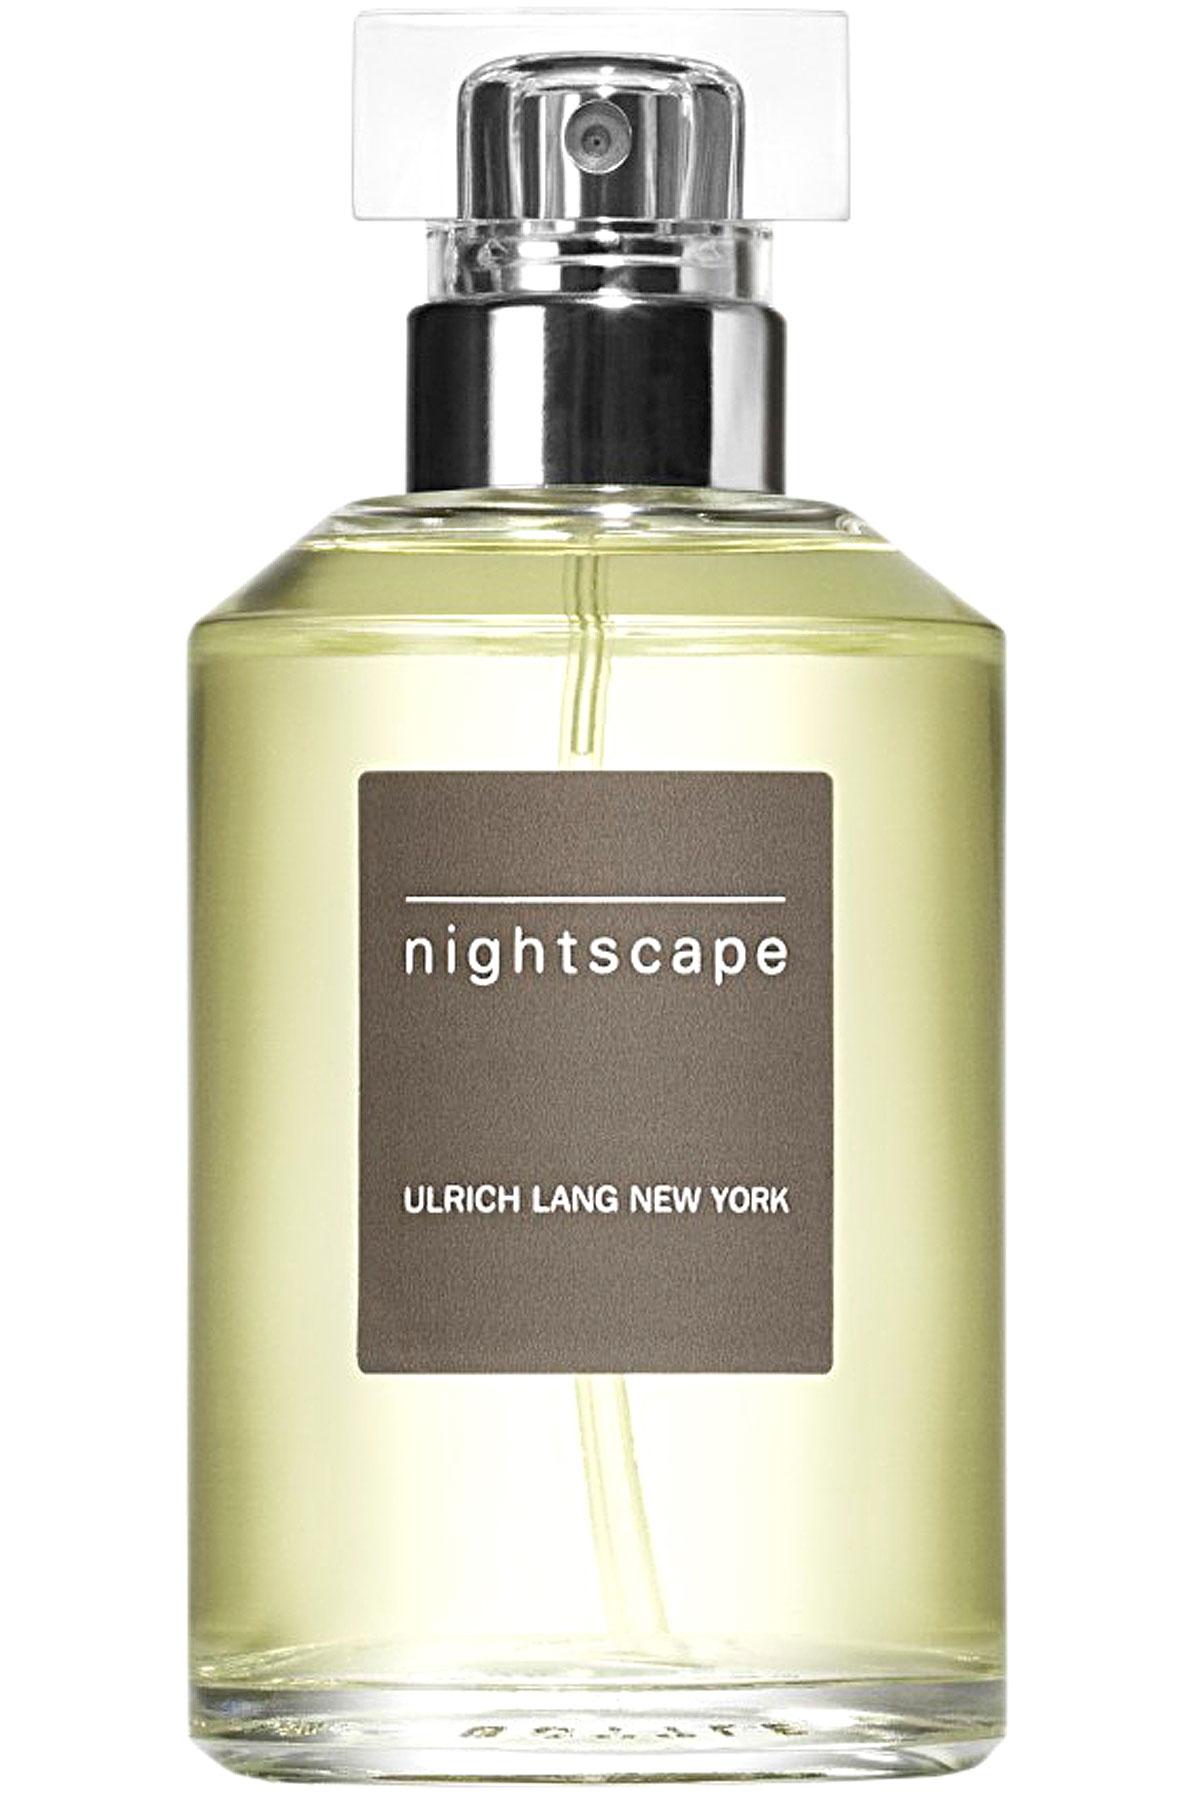 Ulrich Lang New York Mens Fragrances On Sale, Nightscape - Eau De Toilette - 100 Ml, 2019, 100 ml